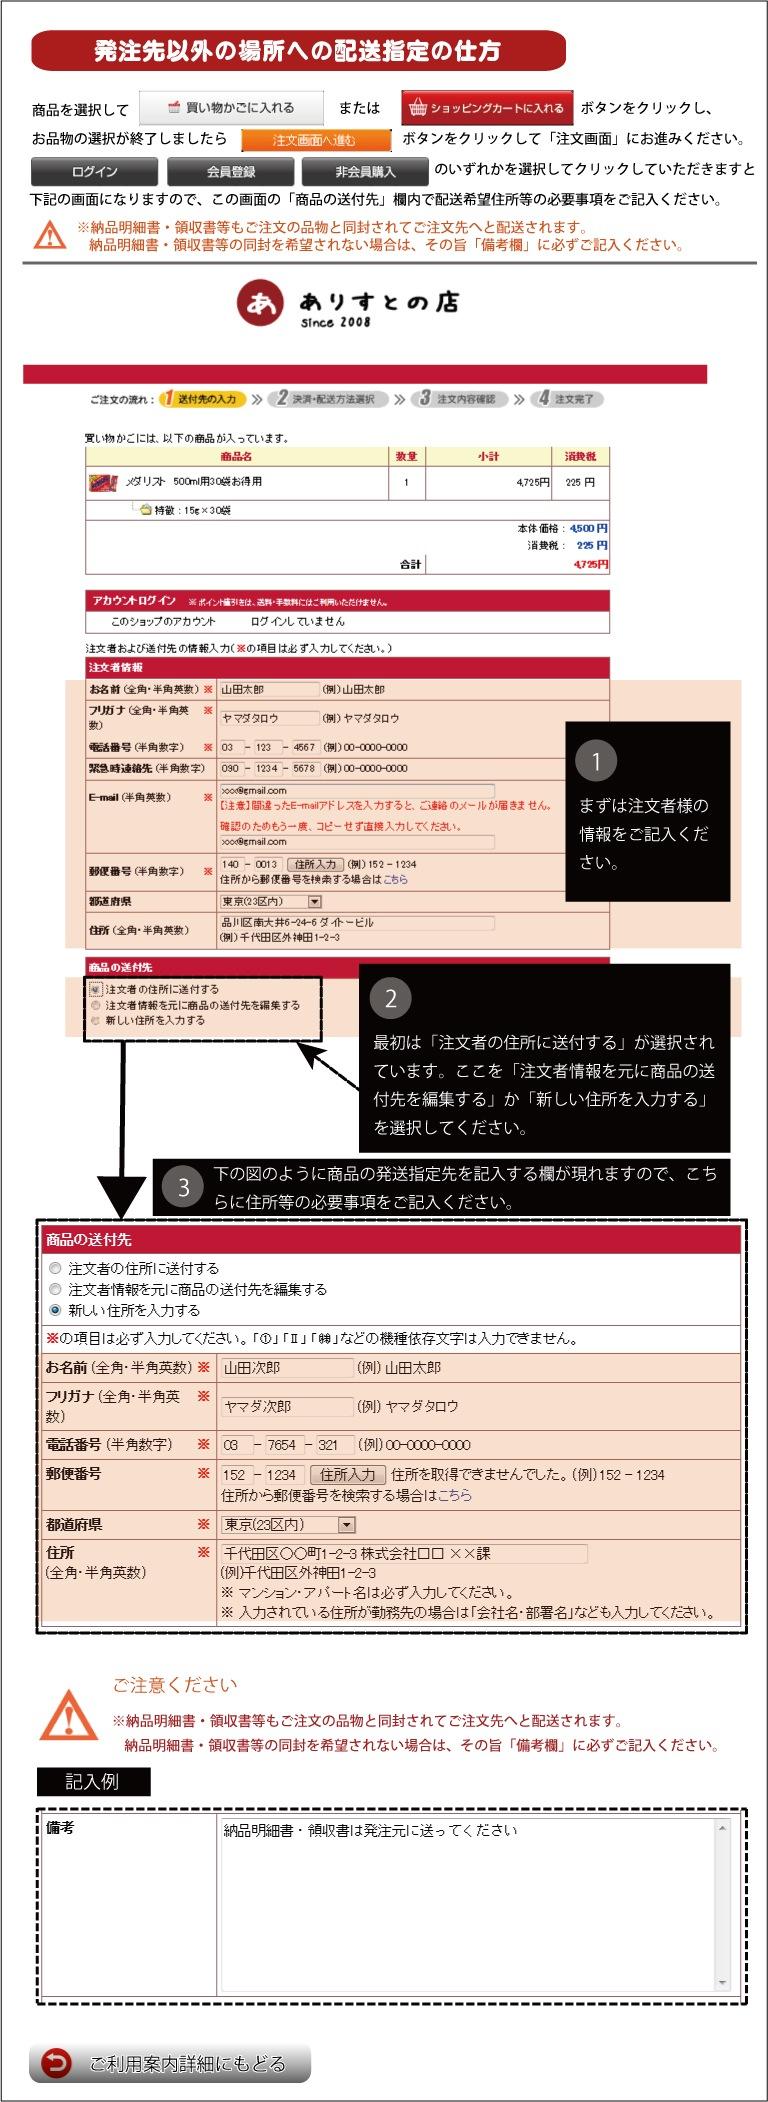 発注先以外の場所への配送指定の仕方